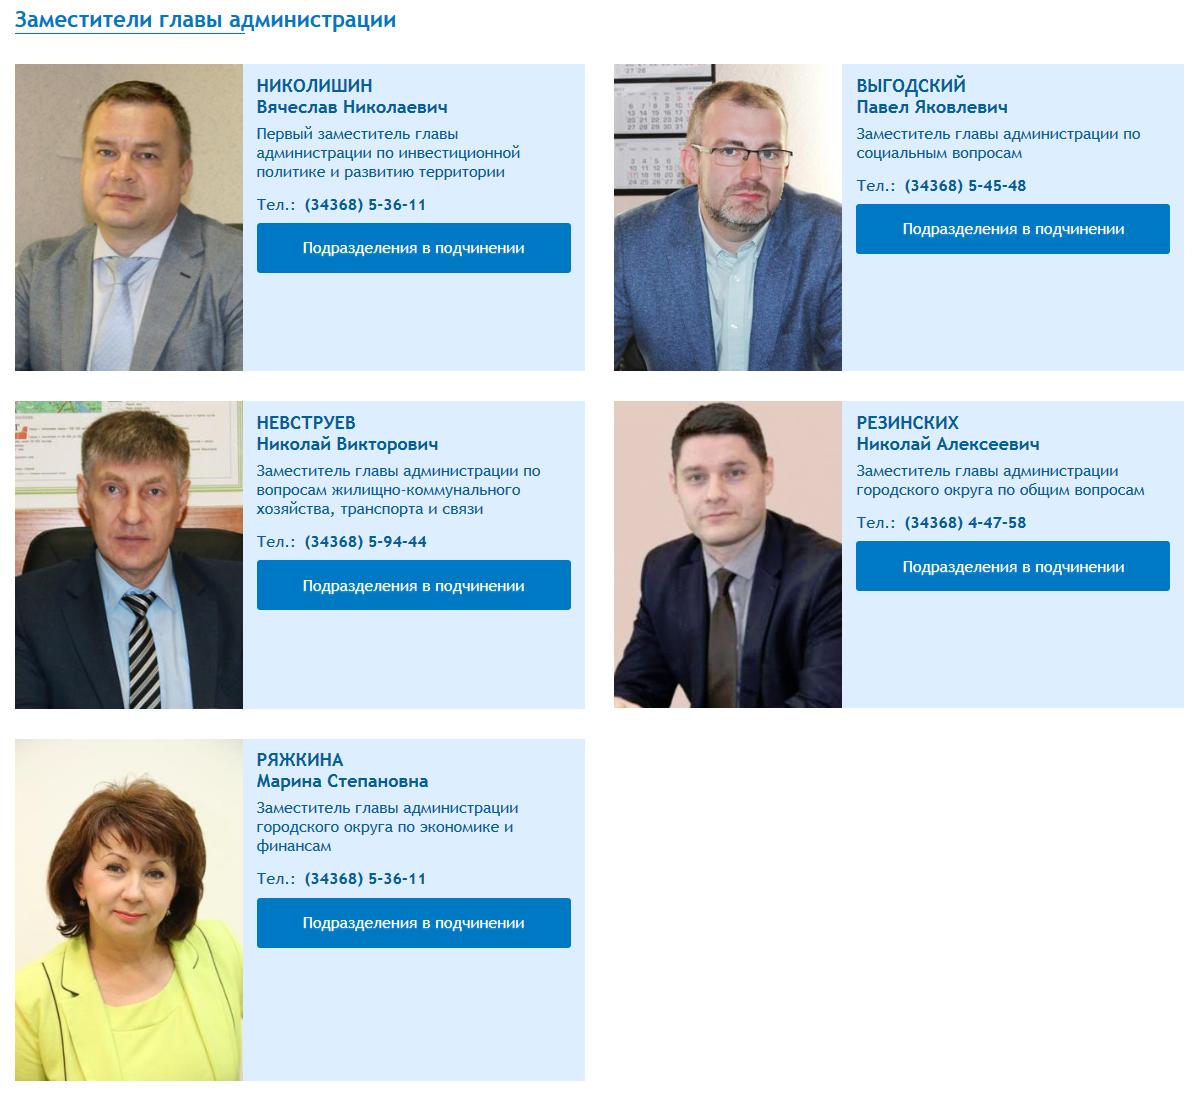 FS-20200628_21-35-n7545-Заместители главы администрации и структурные подразделения - Админист_-movp.ru